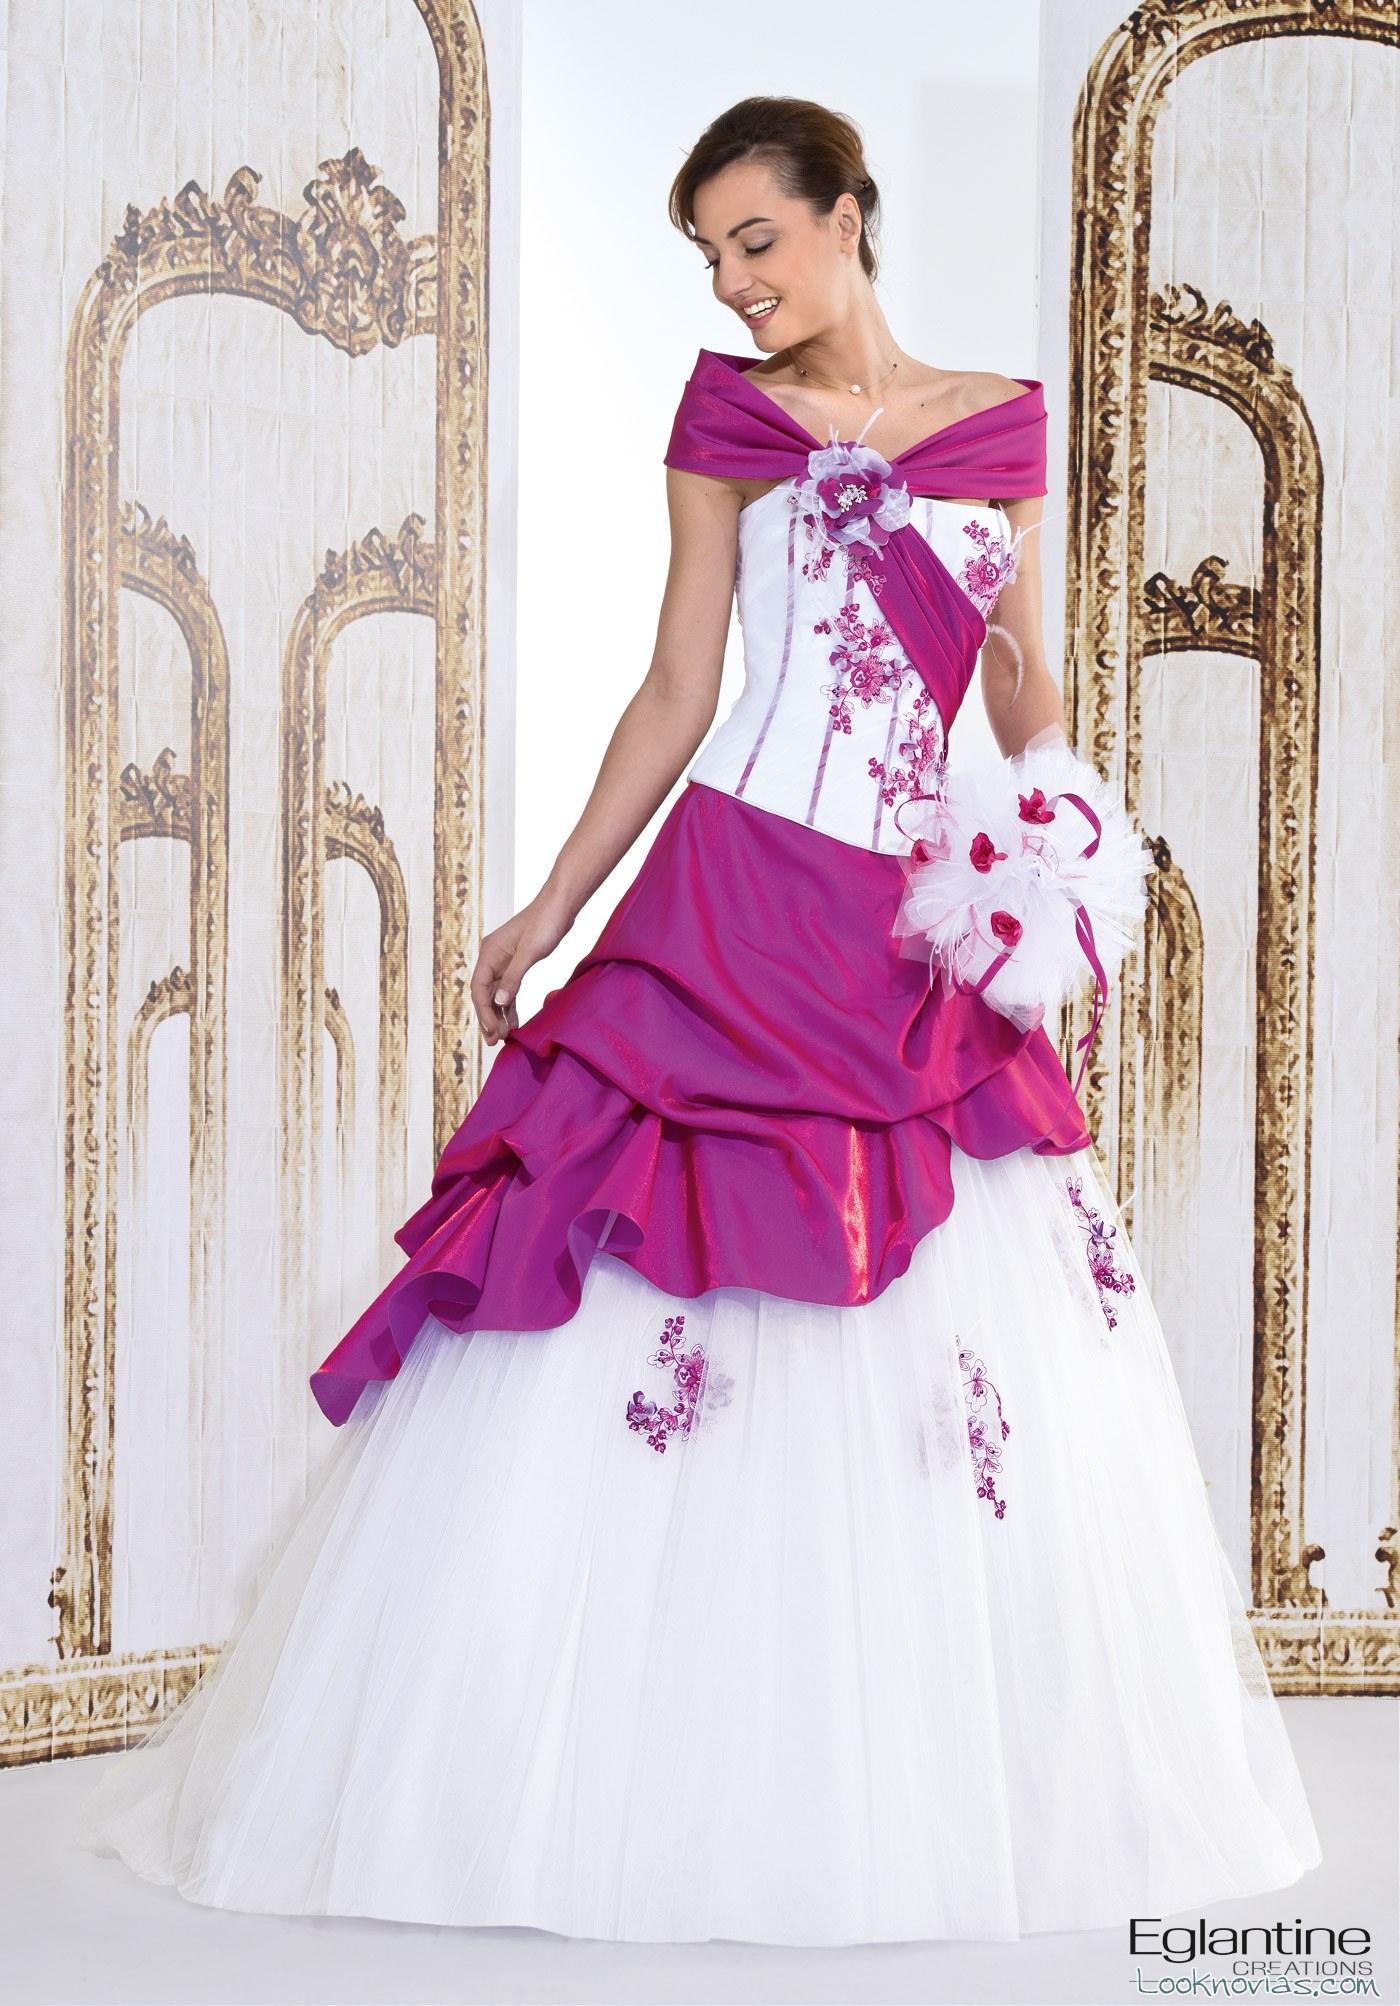 Novedades, color y belleza en estos vestidos para novia